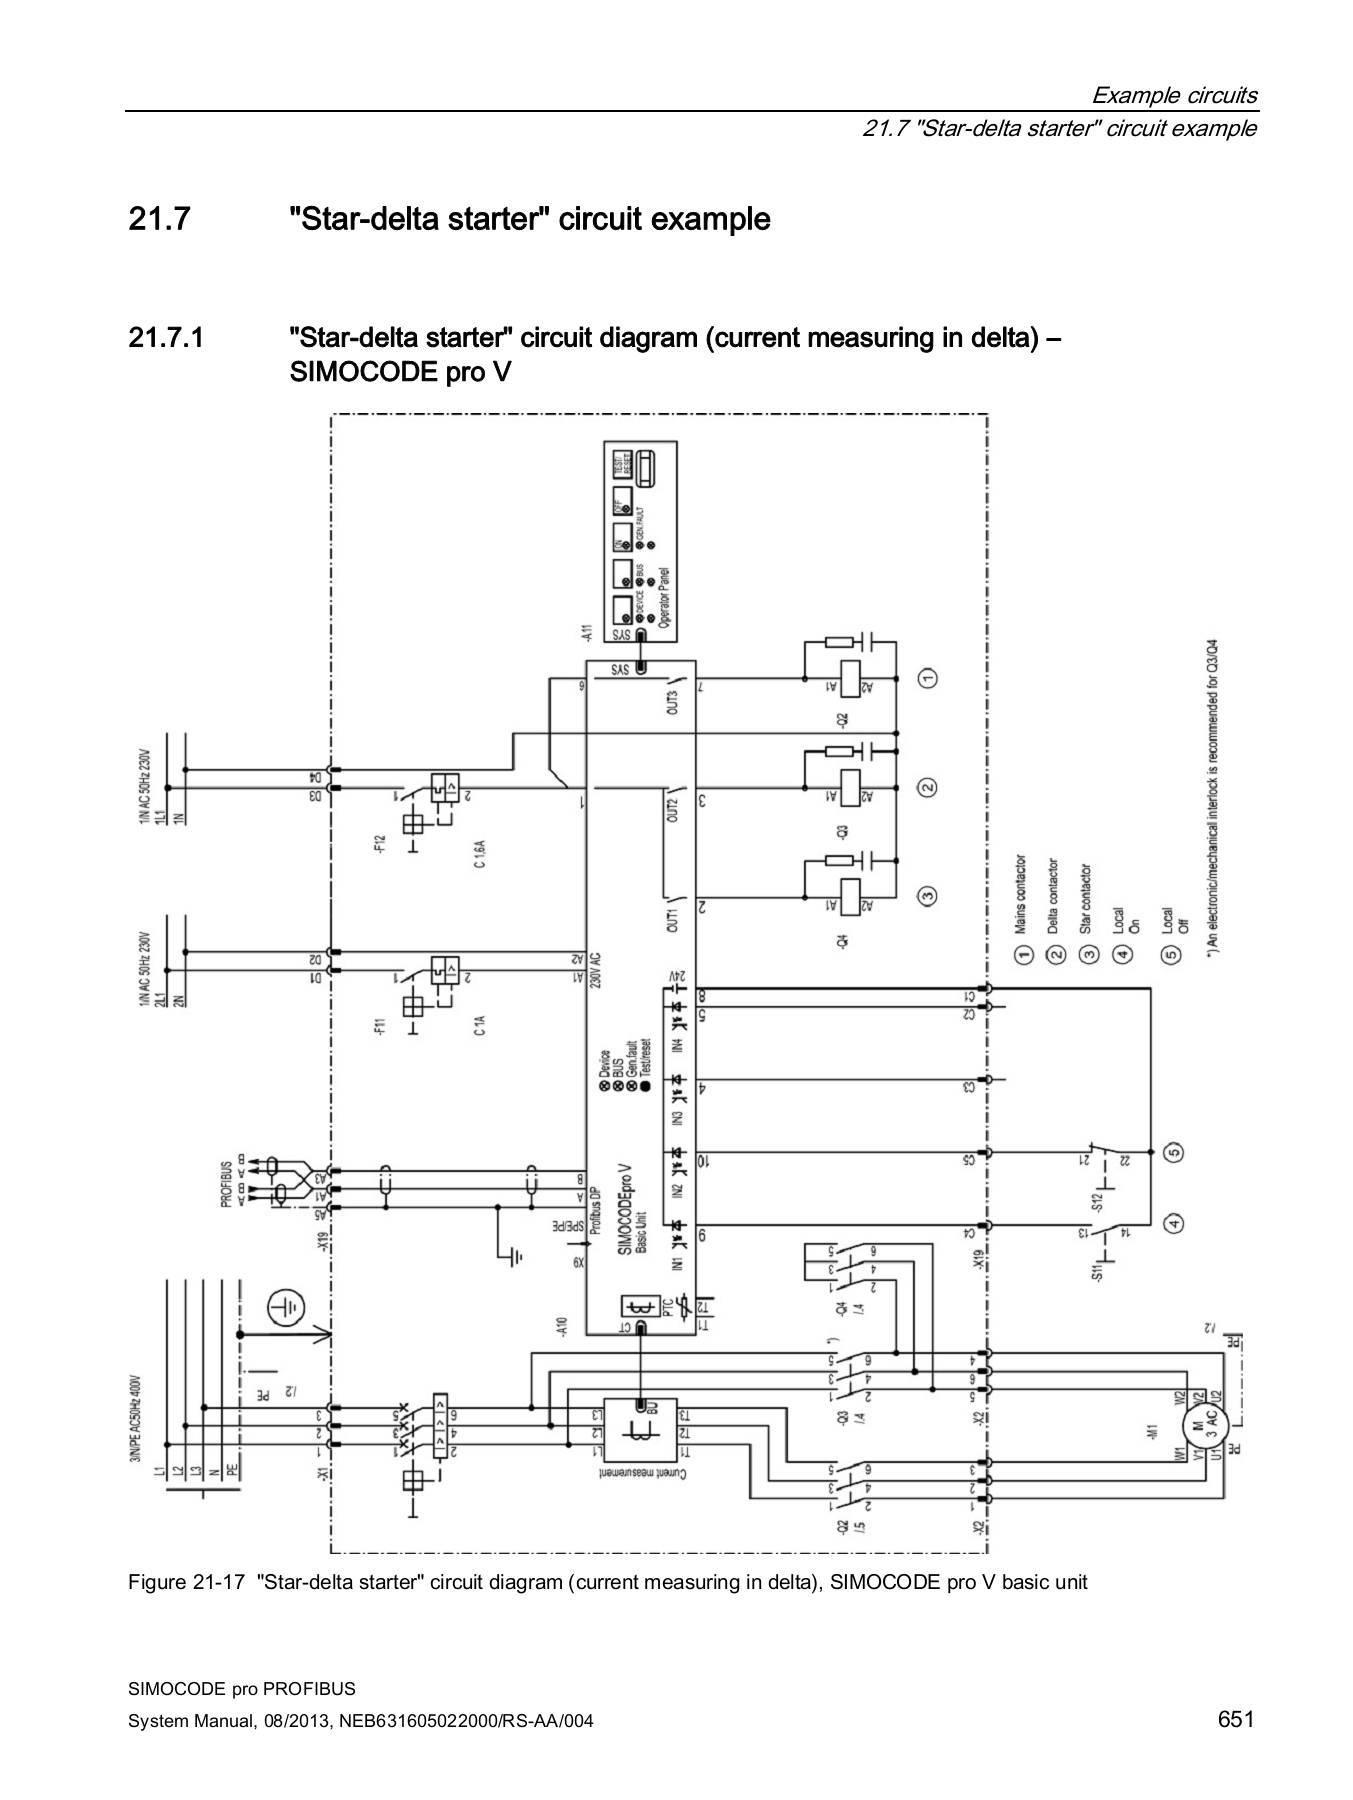 hight resolution of simocode pro v circuit diagram wiring diagram mega simocode pro v wiring diagram simocode pro v circuit diagram